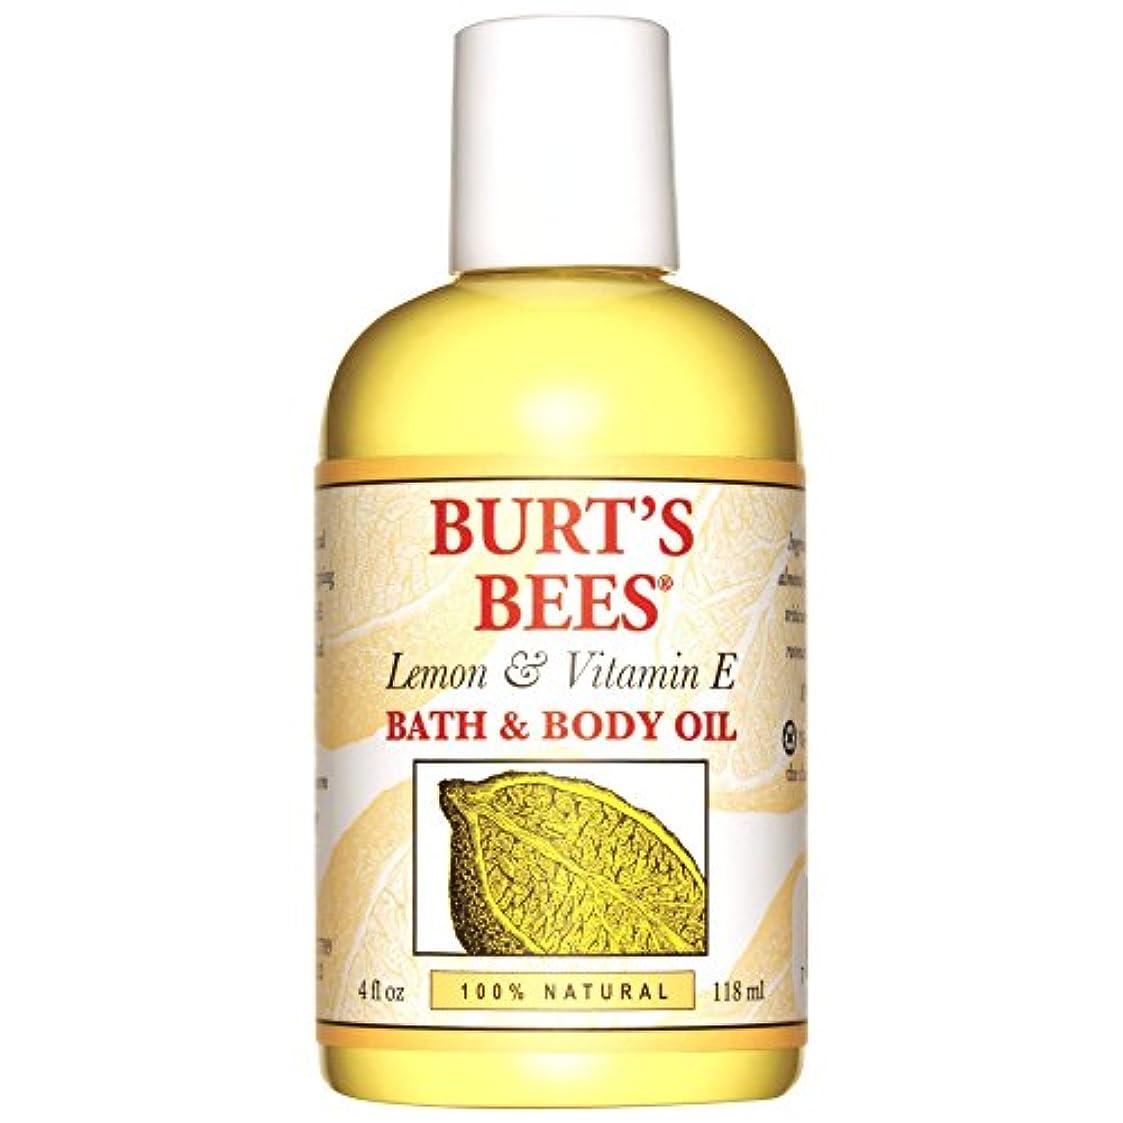 イタリアのギャロップくしゃみバーツビーレモンとビタミンEバス、ボディオイル118ミリリットル (Burt's Bees) - Burt's Bees Lemon and Vitamin E Bath and Body Oil 118ml [並行輸入品]